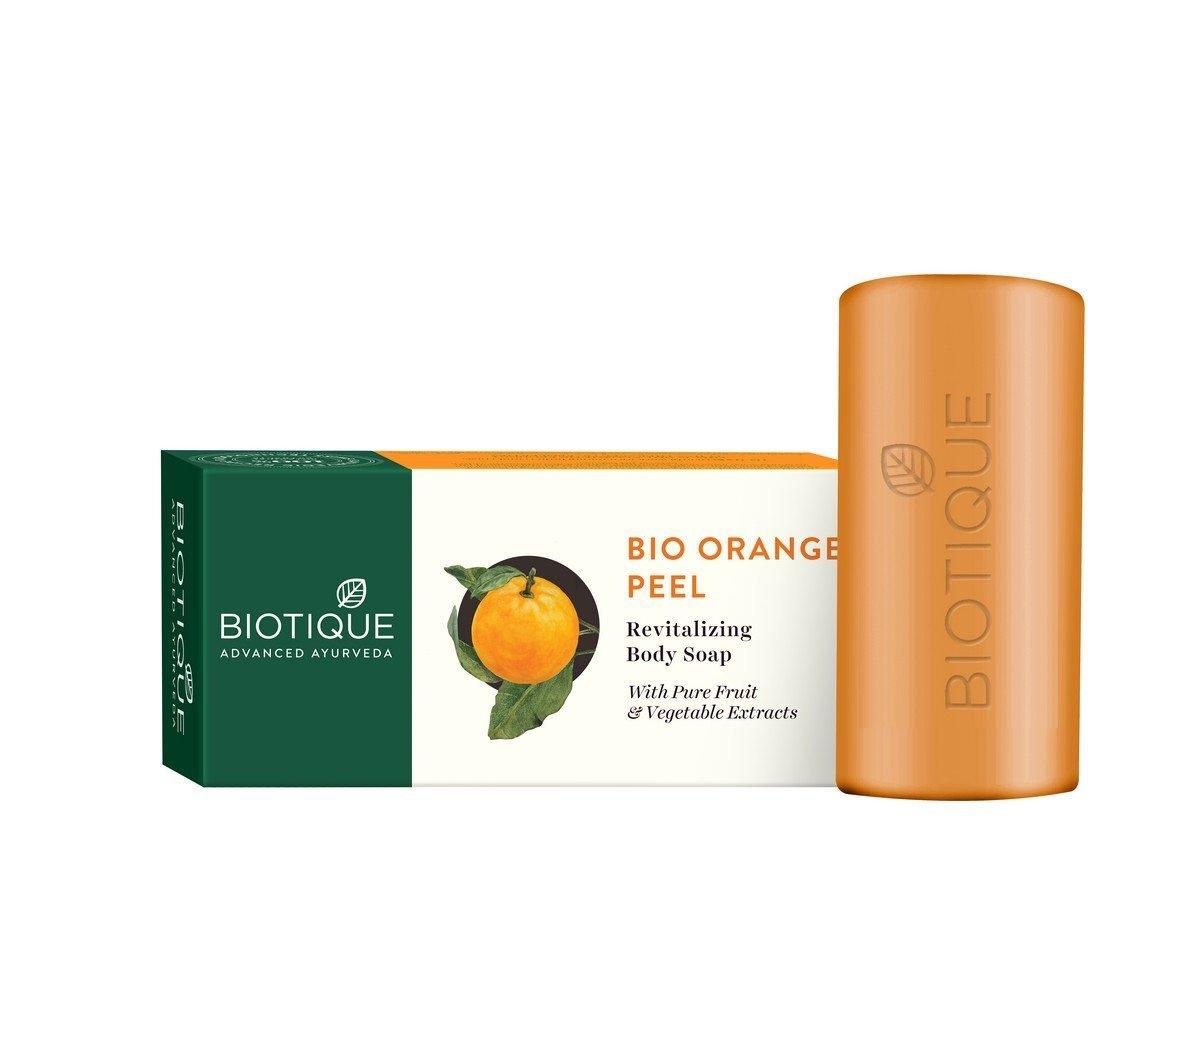 Biotique Orange Peel Body Revitalizing Body Soap Image